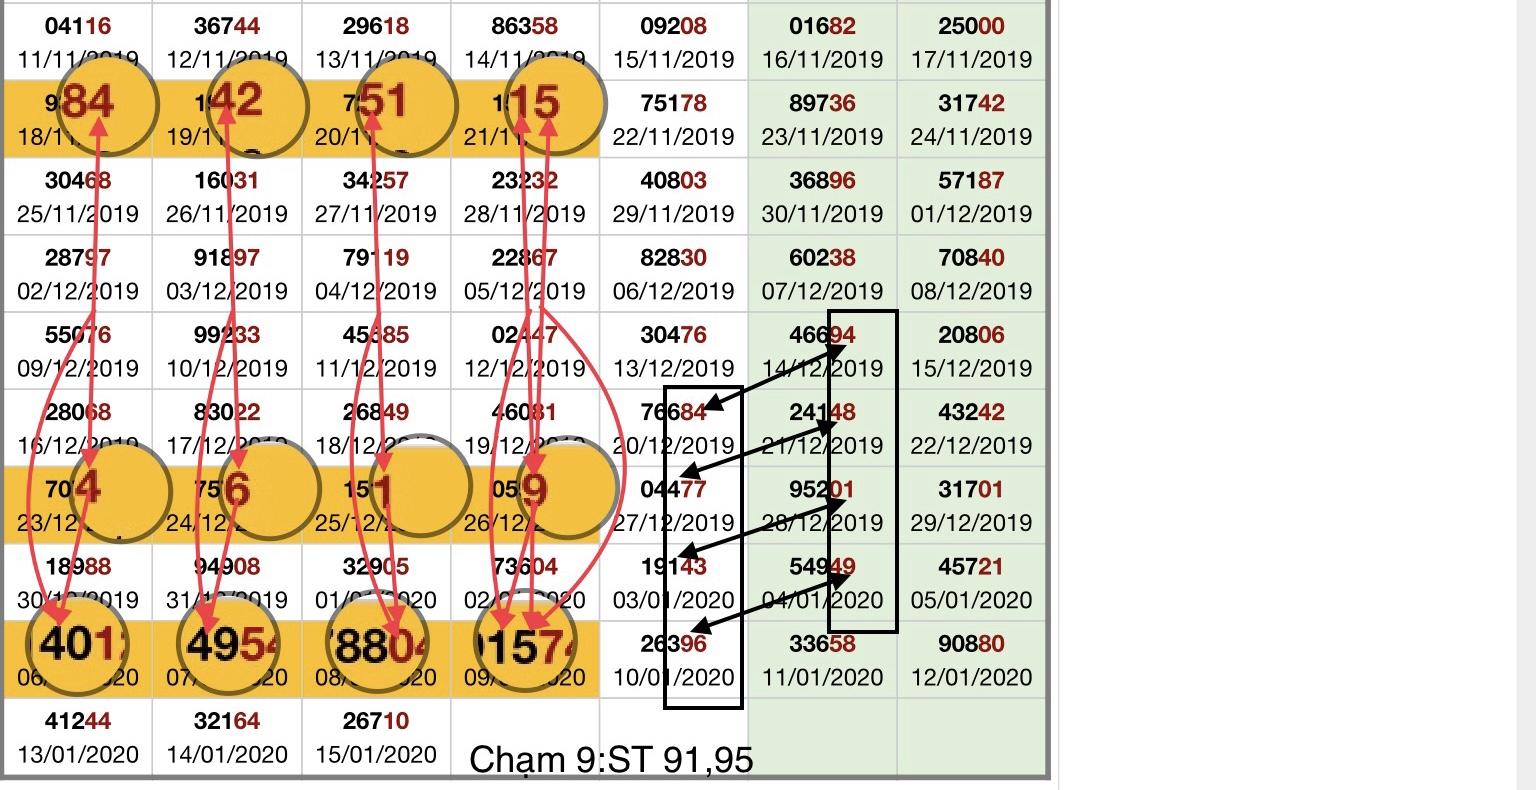 9840F0BB-A4C3-46C6-B04C-8BA0D682080F.jpeg